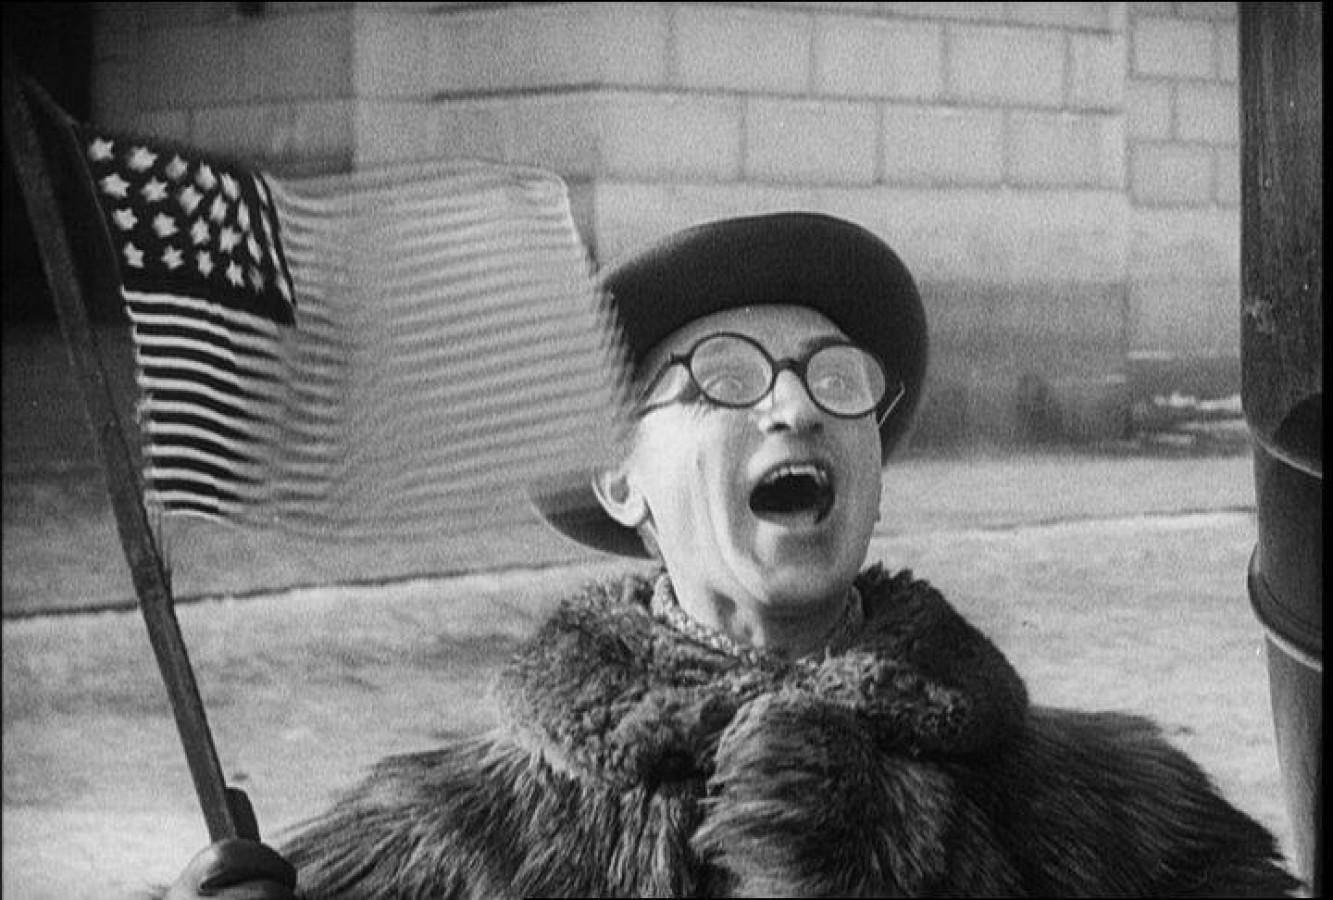 Ночь кино «Необычайные приключения мистера Веста встране большевиков»